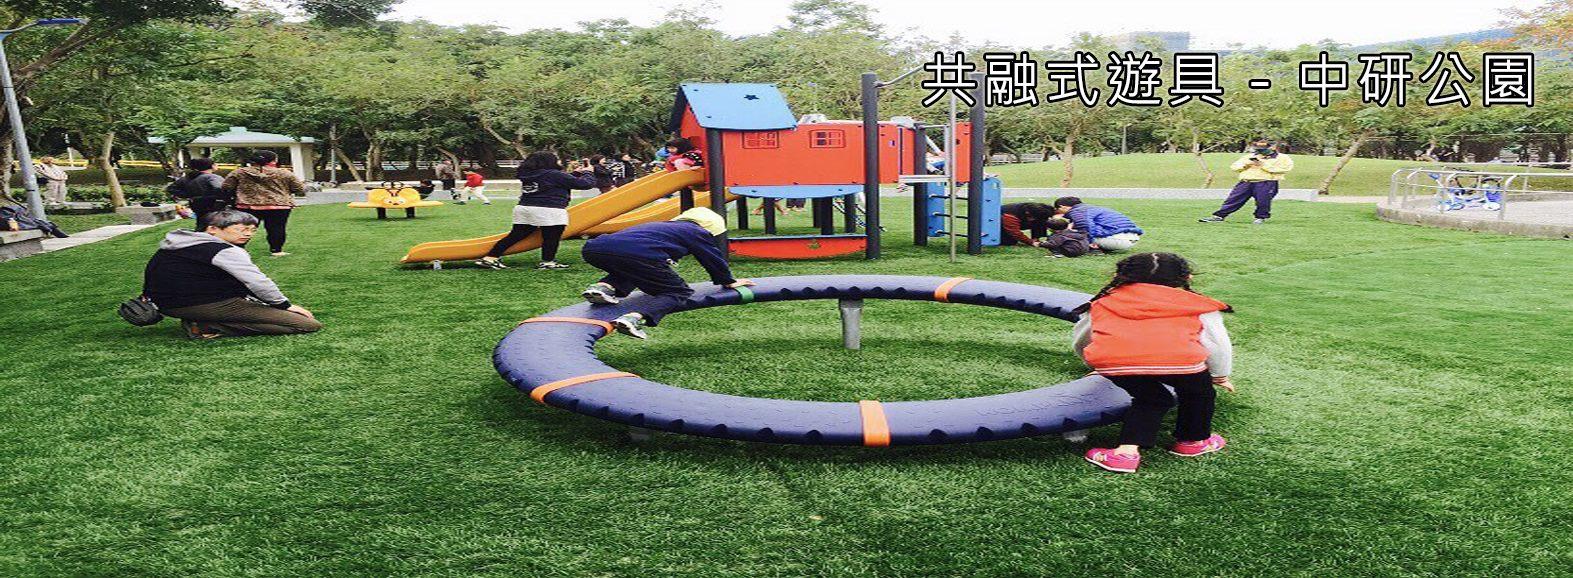 共融式遊具中研公園